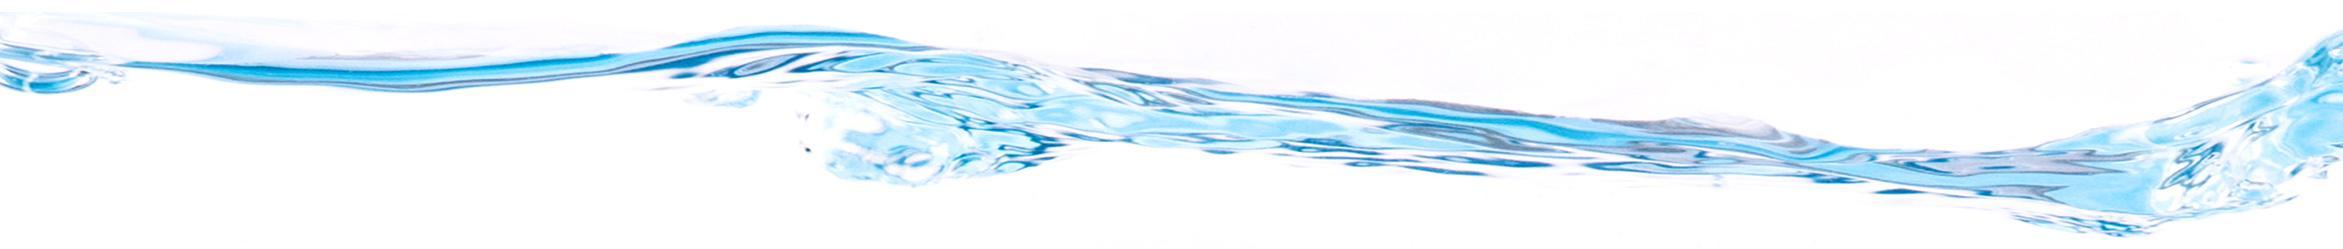 Εικόνα με νερό